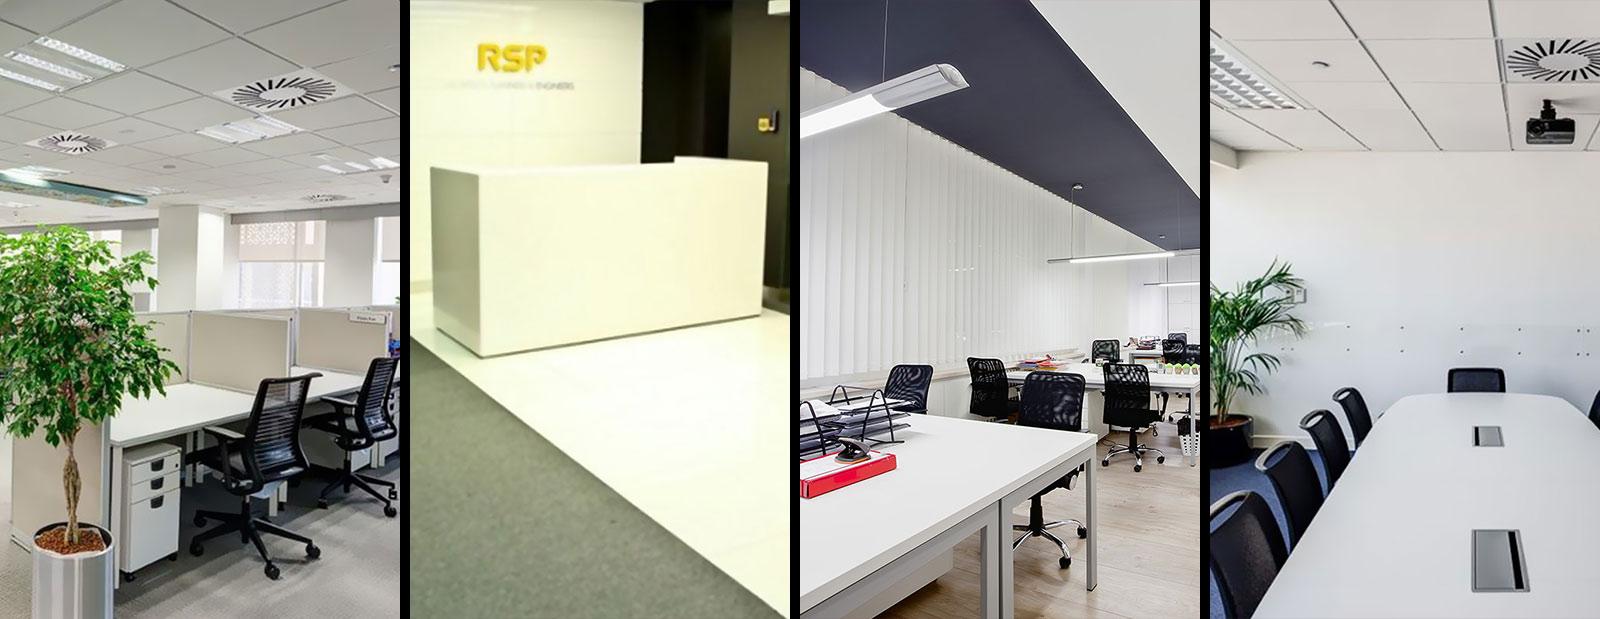 office interior design companies in dubai